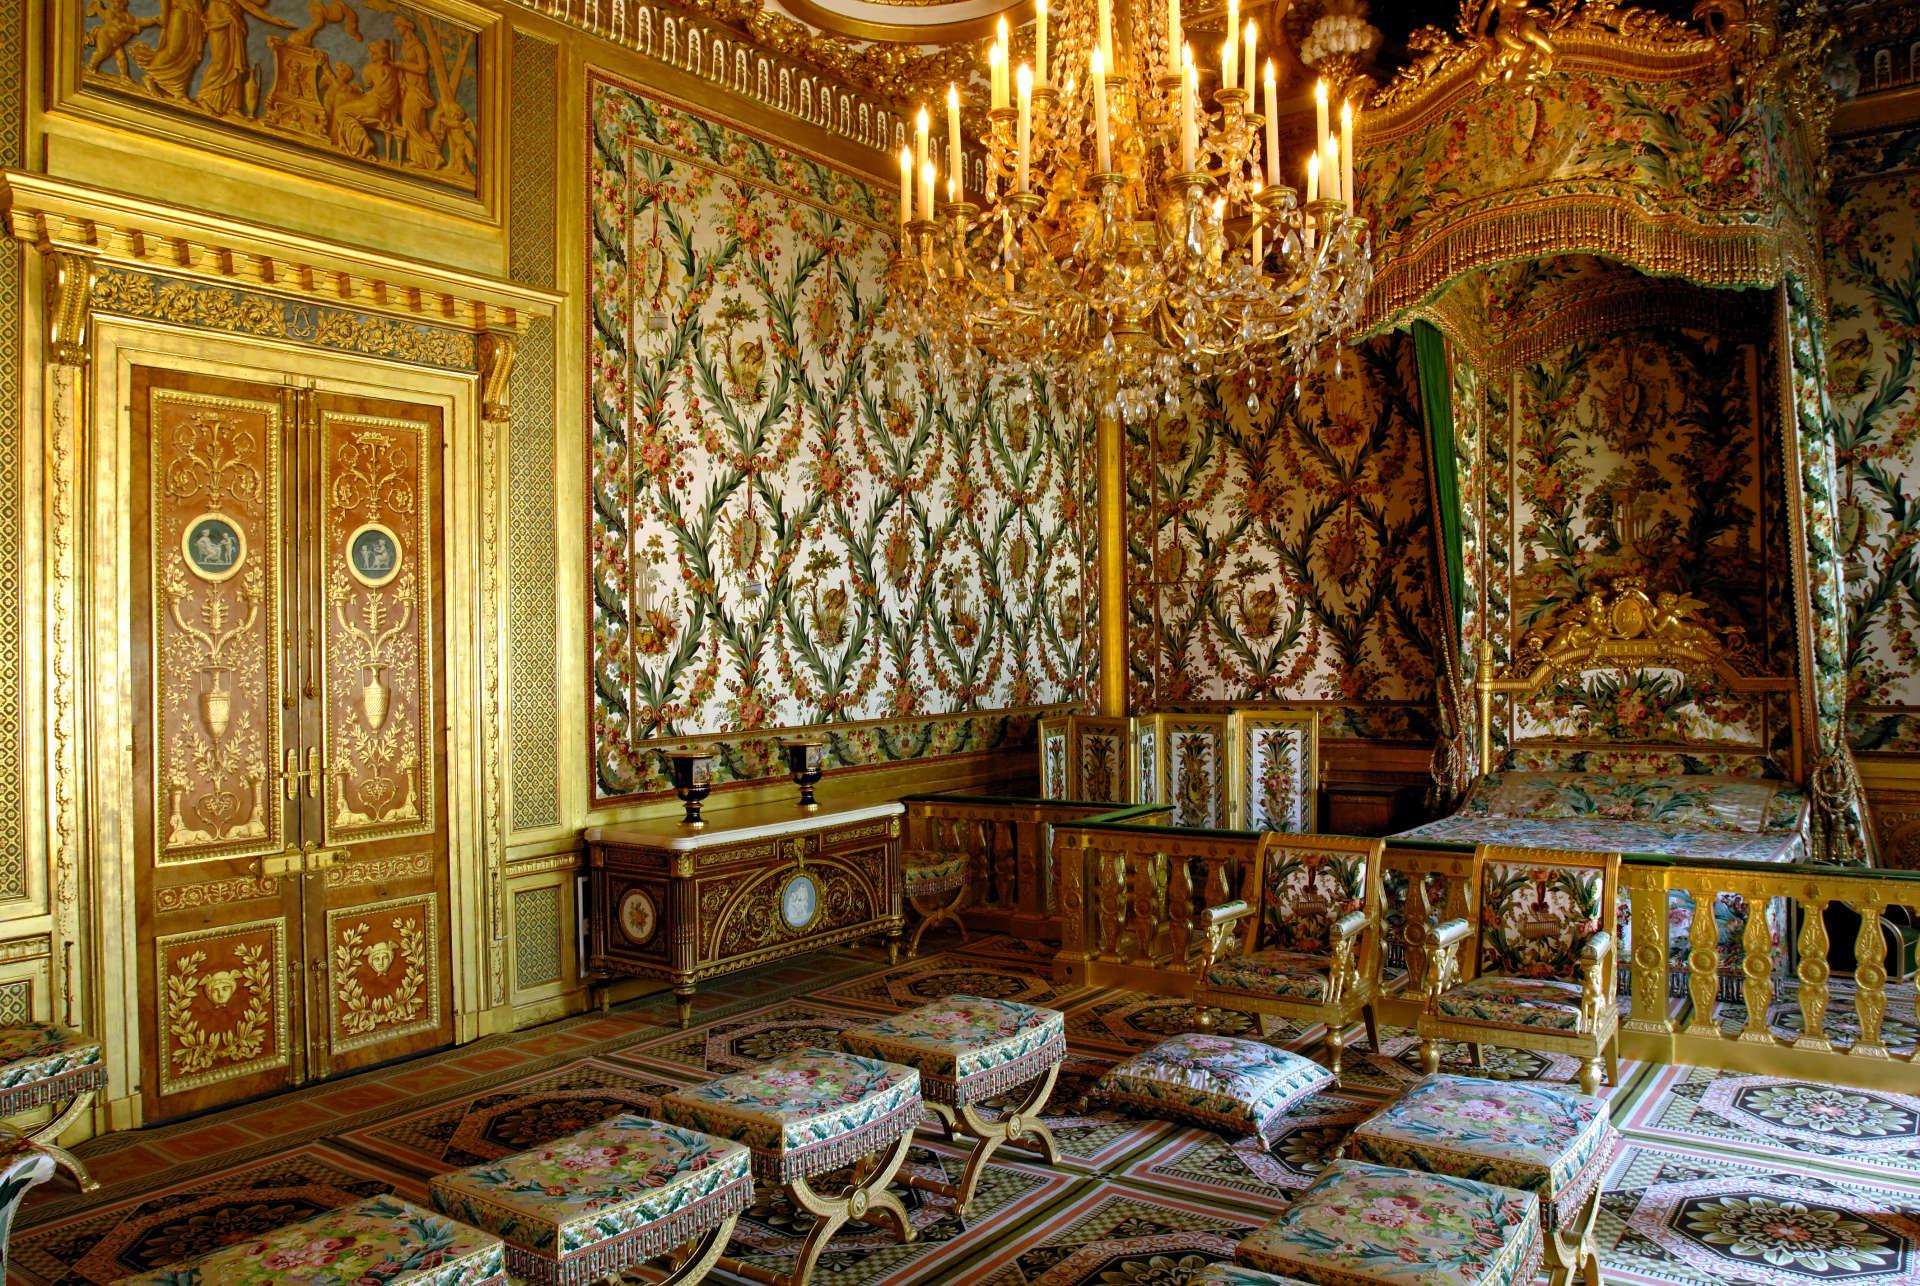 Le lit de Marie-Antoinette a survécu à la Révolution avant de devenir celui de l'impératrice Joséphine.